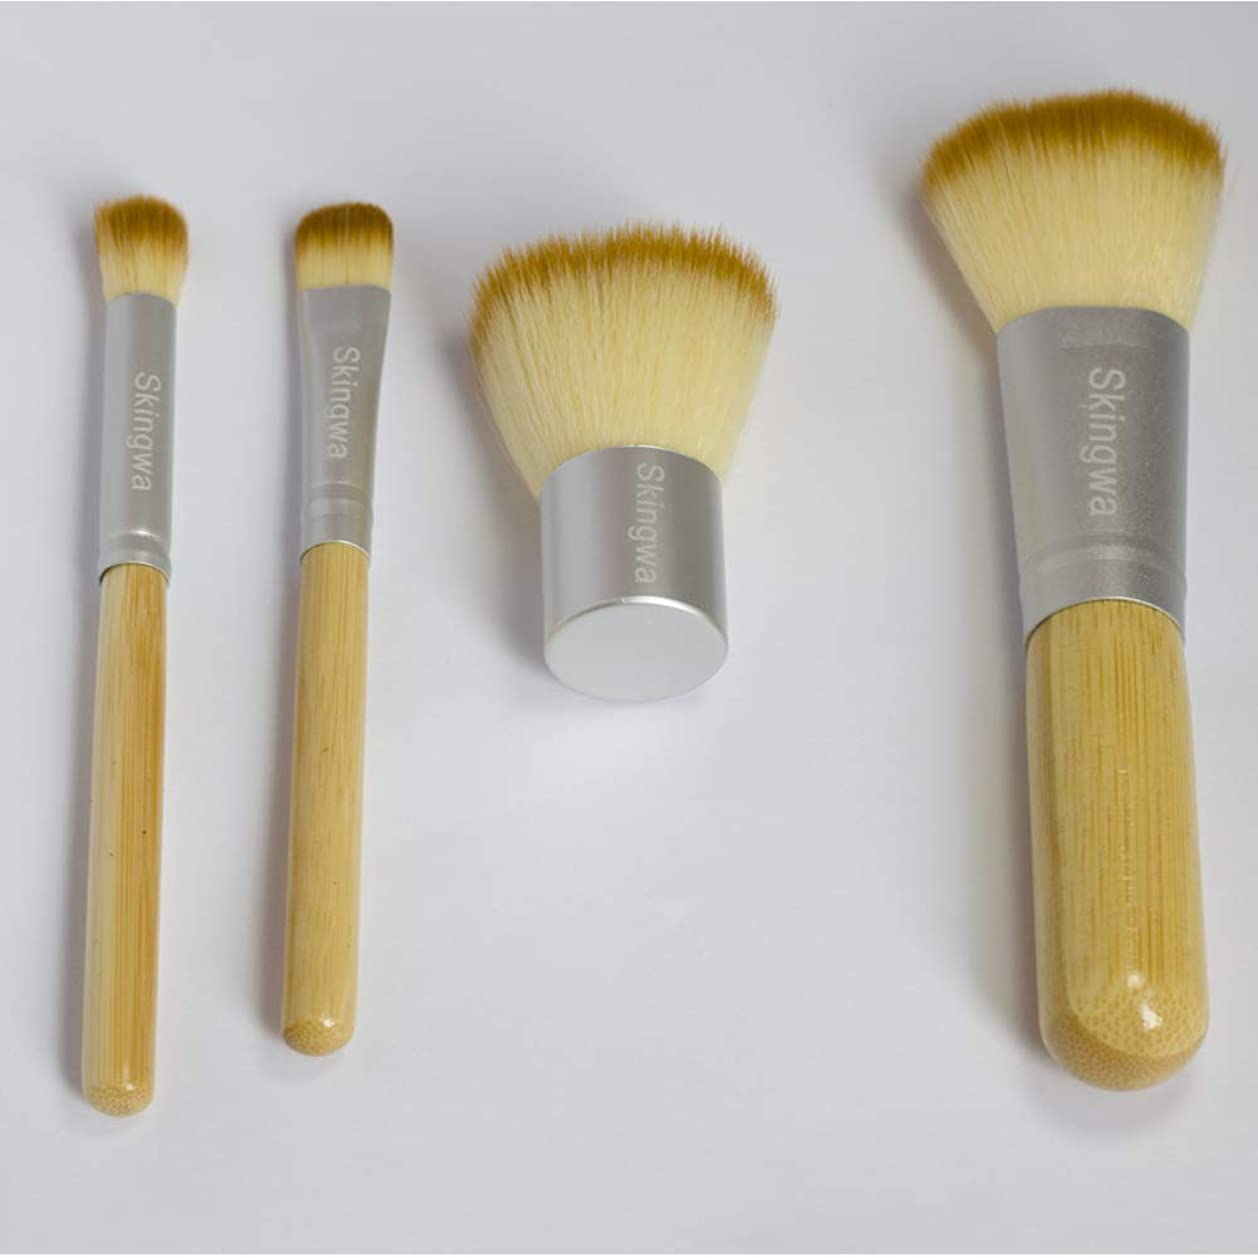 まばたき解説咽頭Skingwa 化粧 ブラシ メイクアップ ブラシ セット